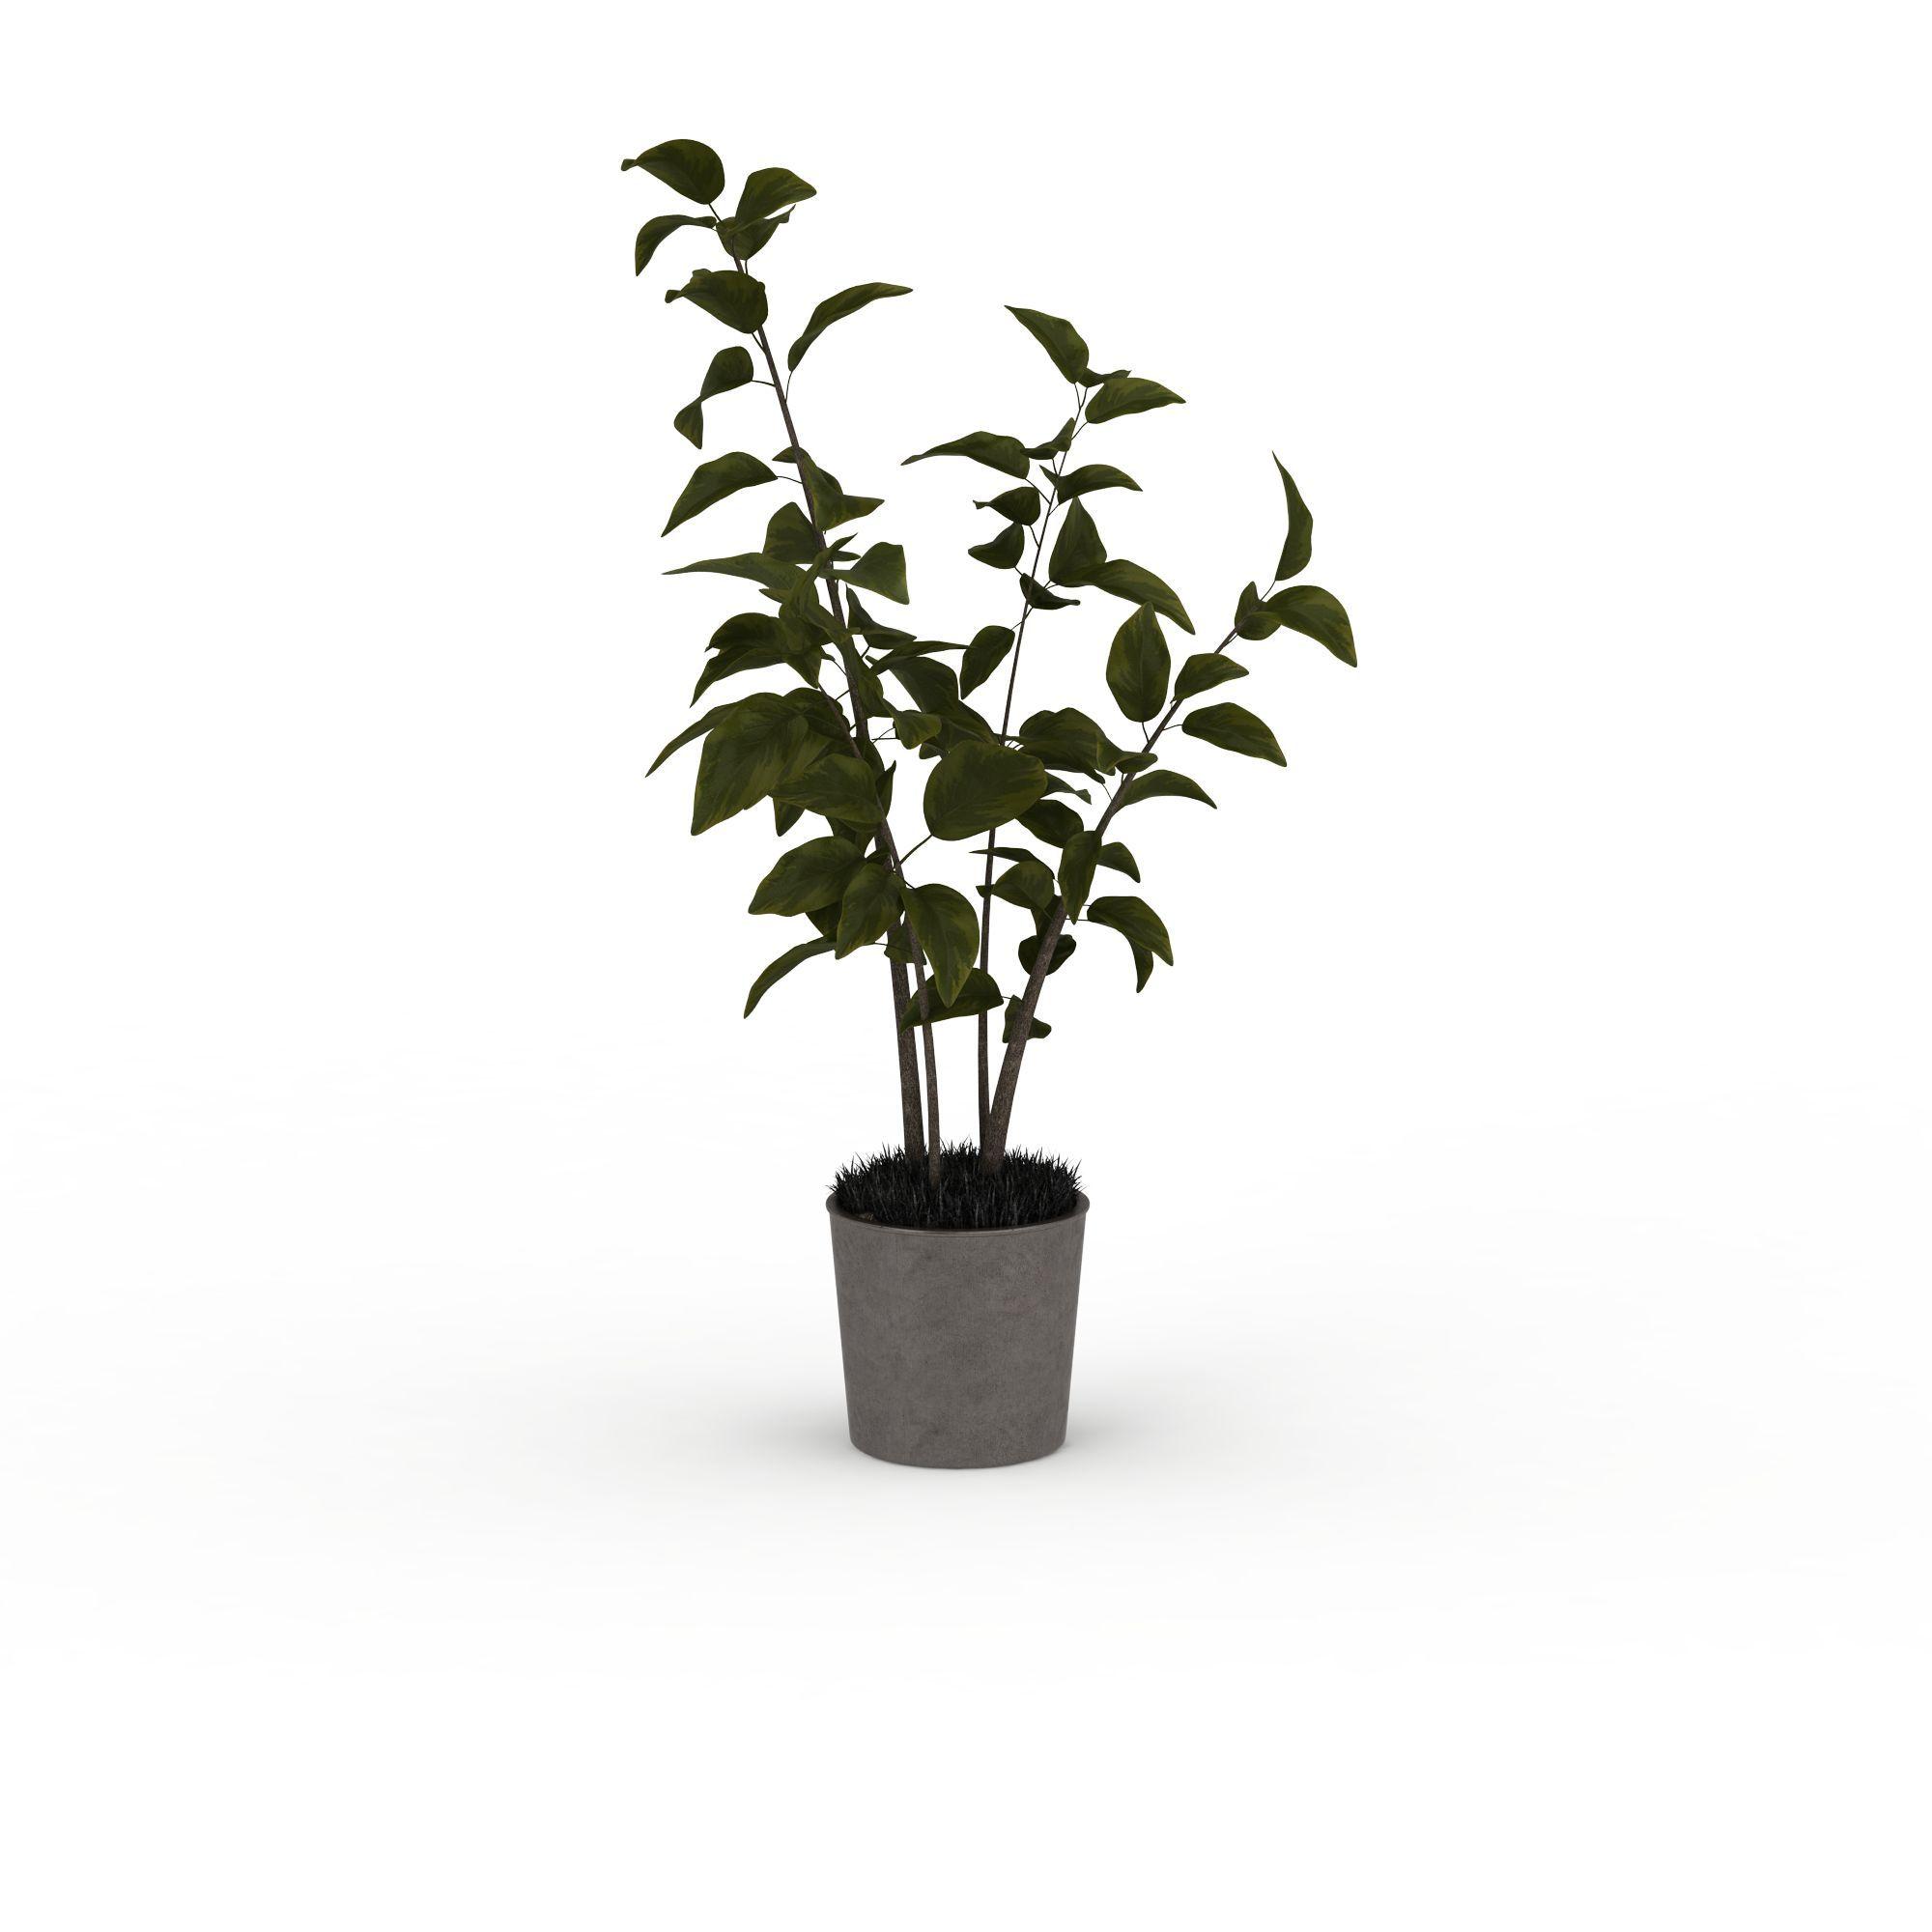 植物 花草 绿色盆景3d模型 绿色盆景png高清图  绿色盆景高清图详情